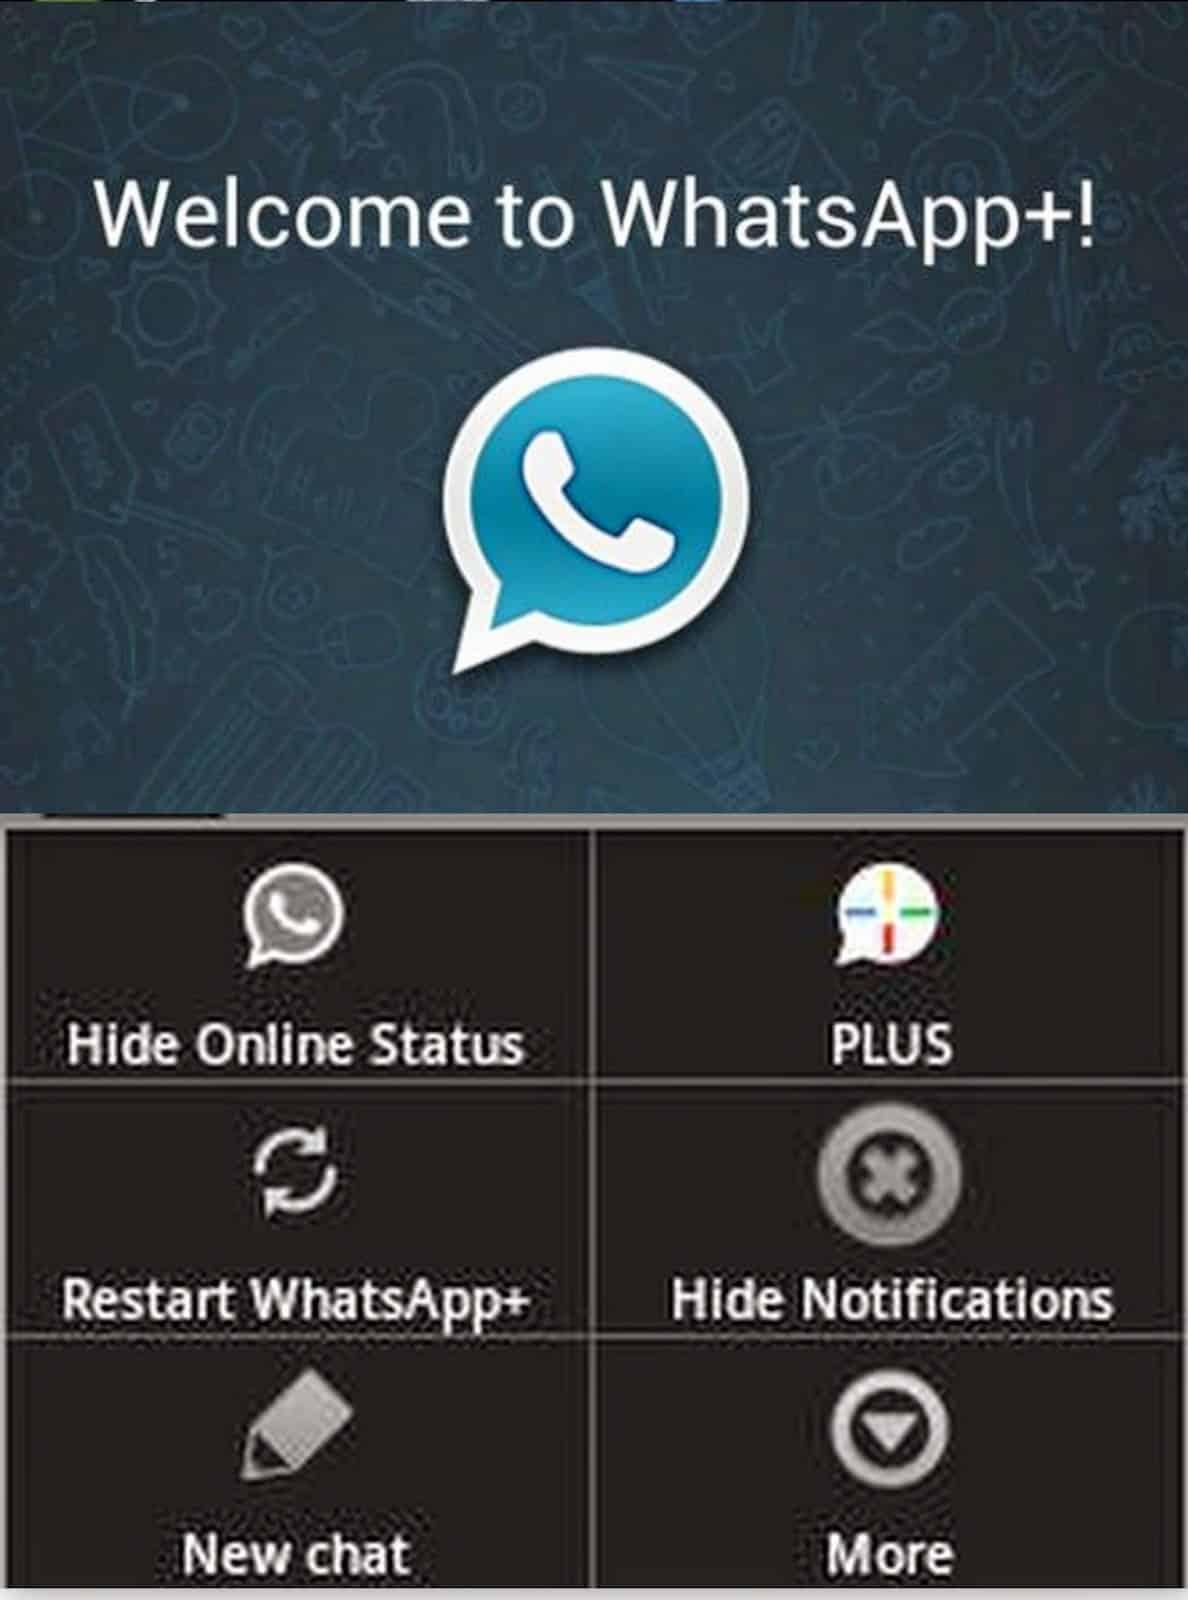 La idea tras el cambio en los términos de servicio es que los usuarios prefieran la versión original y no falsas como WhatsApp Plus.